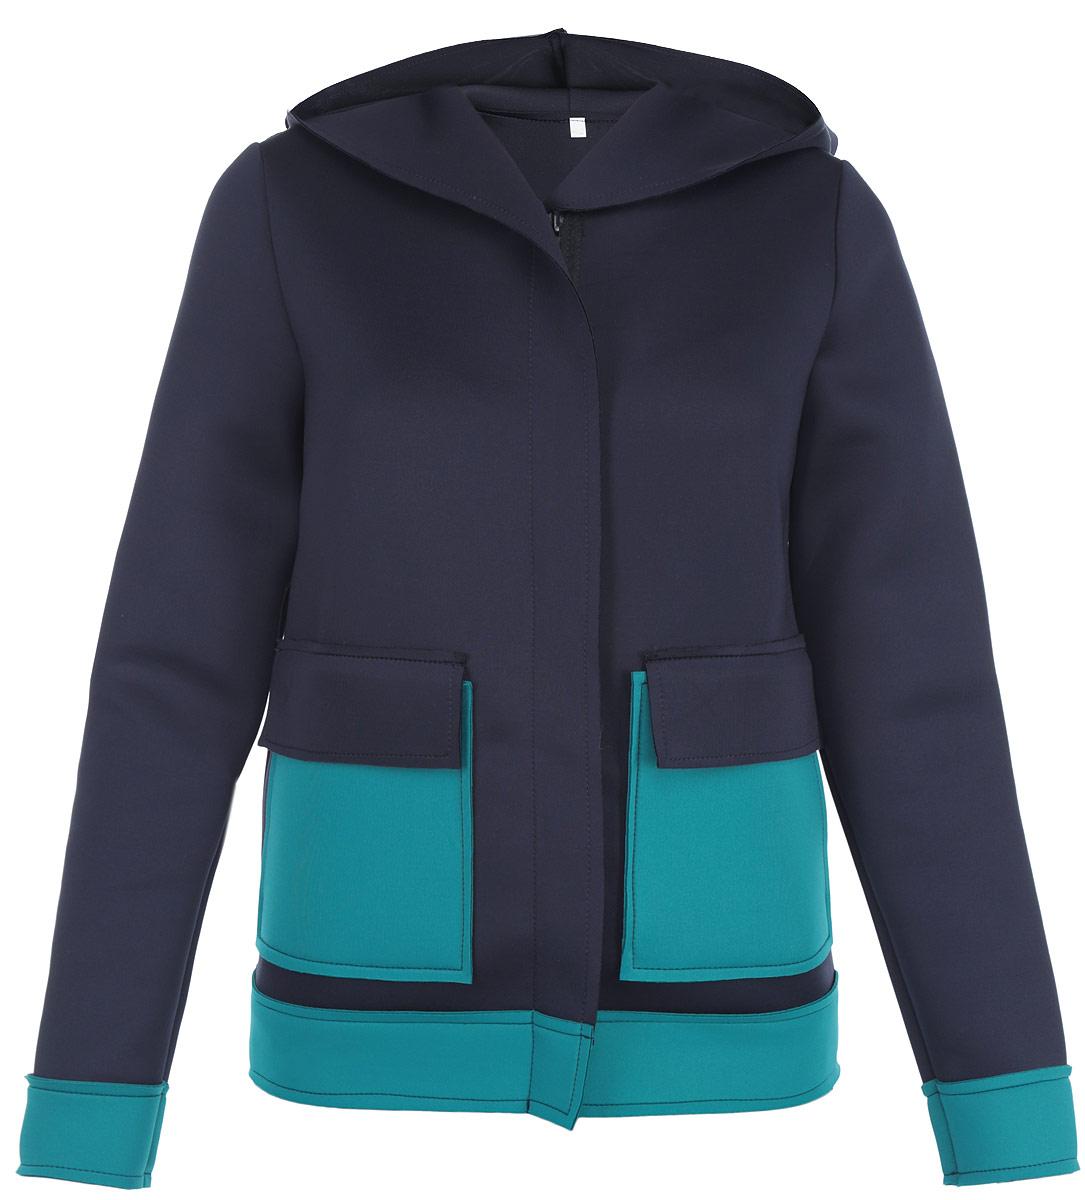 Жакет Milana Style, цвет: темно-синий, бирюзовый. м1001. Размер 42м1001Теплый жакет Milana Style, выполненный из уплотненного полиэстера, согреет вас в прохладную погоду. Модель прямого кроя с капюшоном и длинными рукавами застегивается на пластиковую-застежку-молнию и дополнительно ветрозащитной планкой. Спереди модель дополнена двумя накладными карманами. Этот уютный жакет станет отличным дополнением к вашему гардеробу.